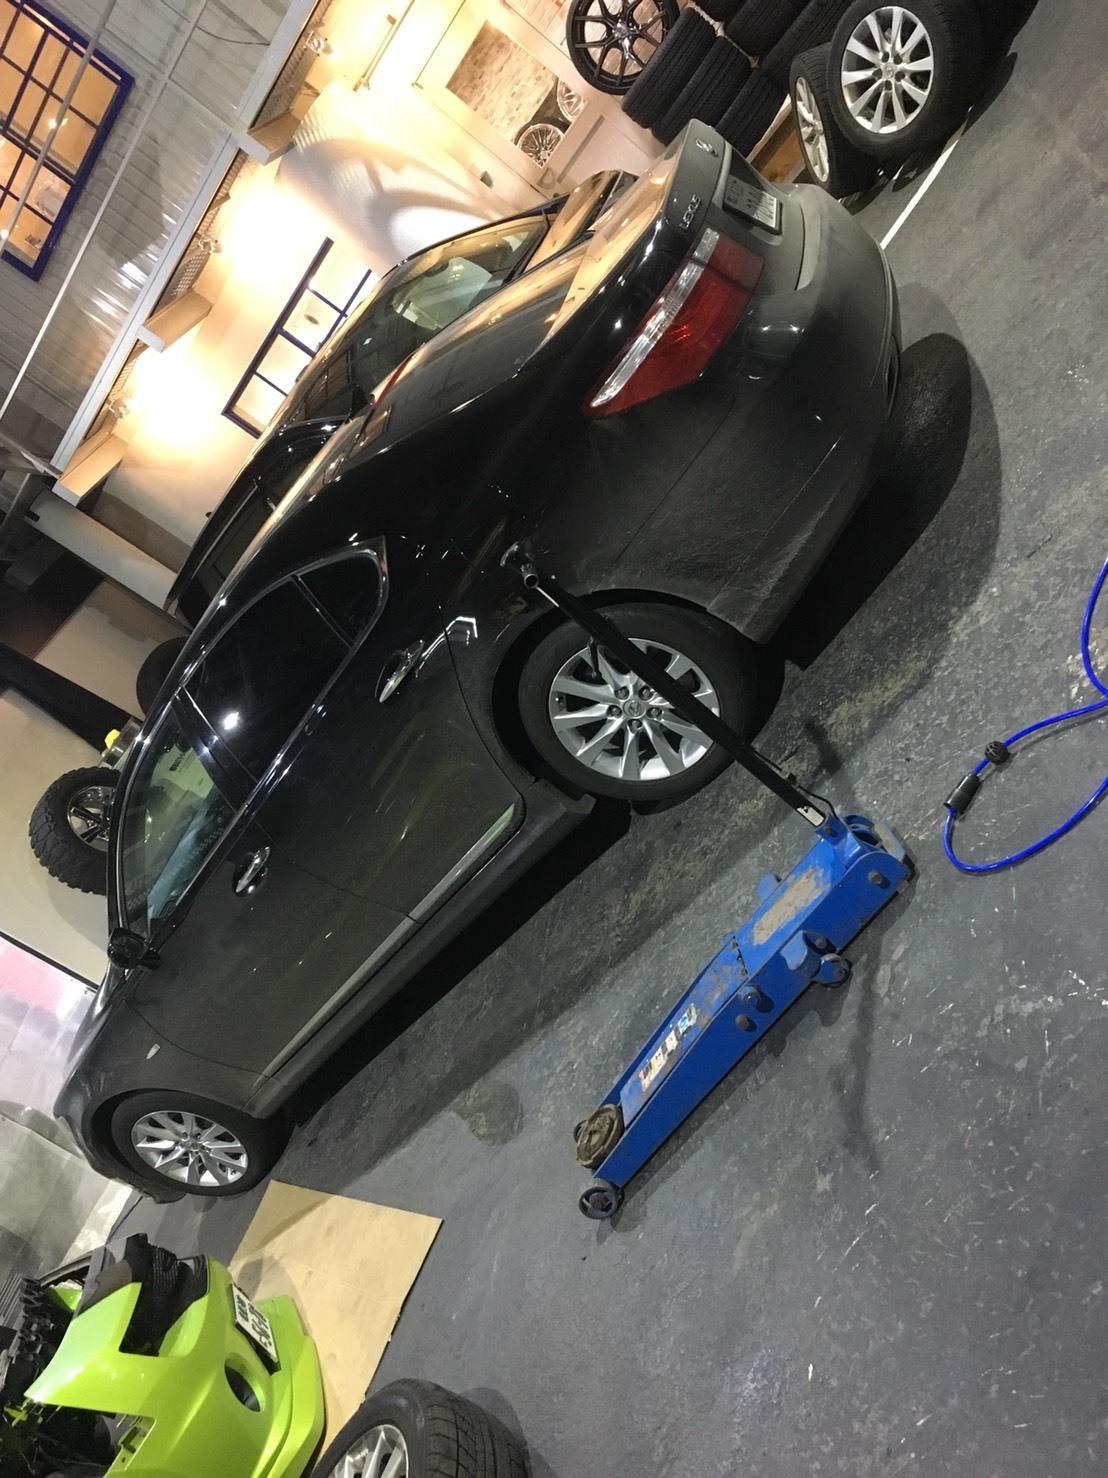 3月30日(金)トミーベース カスタムブログ☆S社様、新車のヴェルファイア到着☆カマロカスタム中☆_b0127002_11425505.jpg